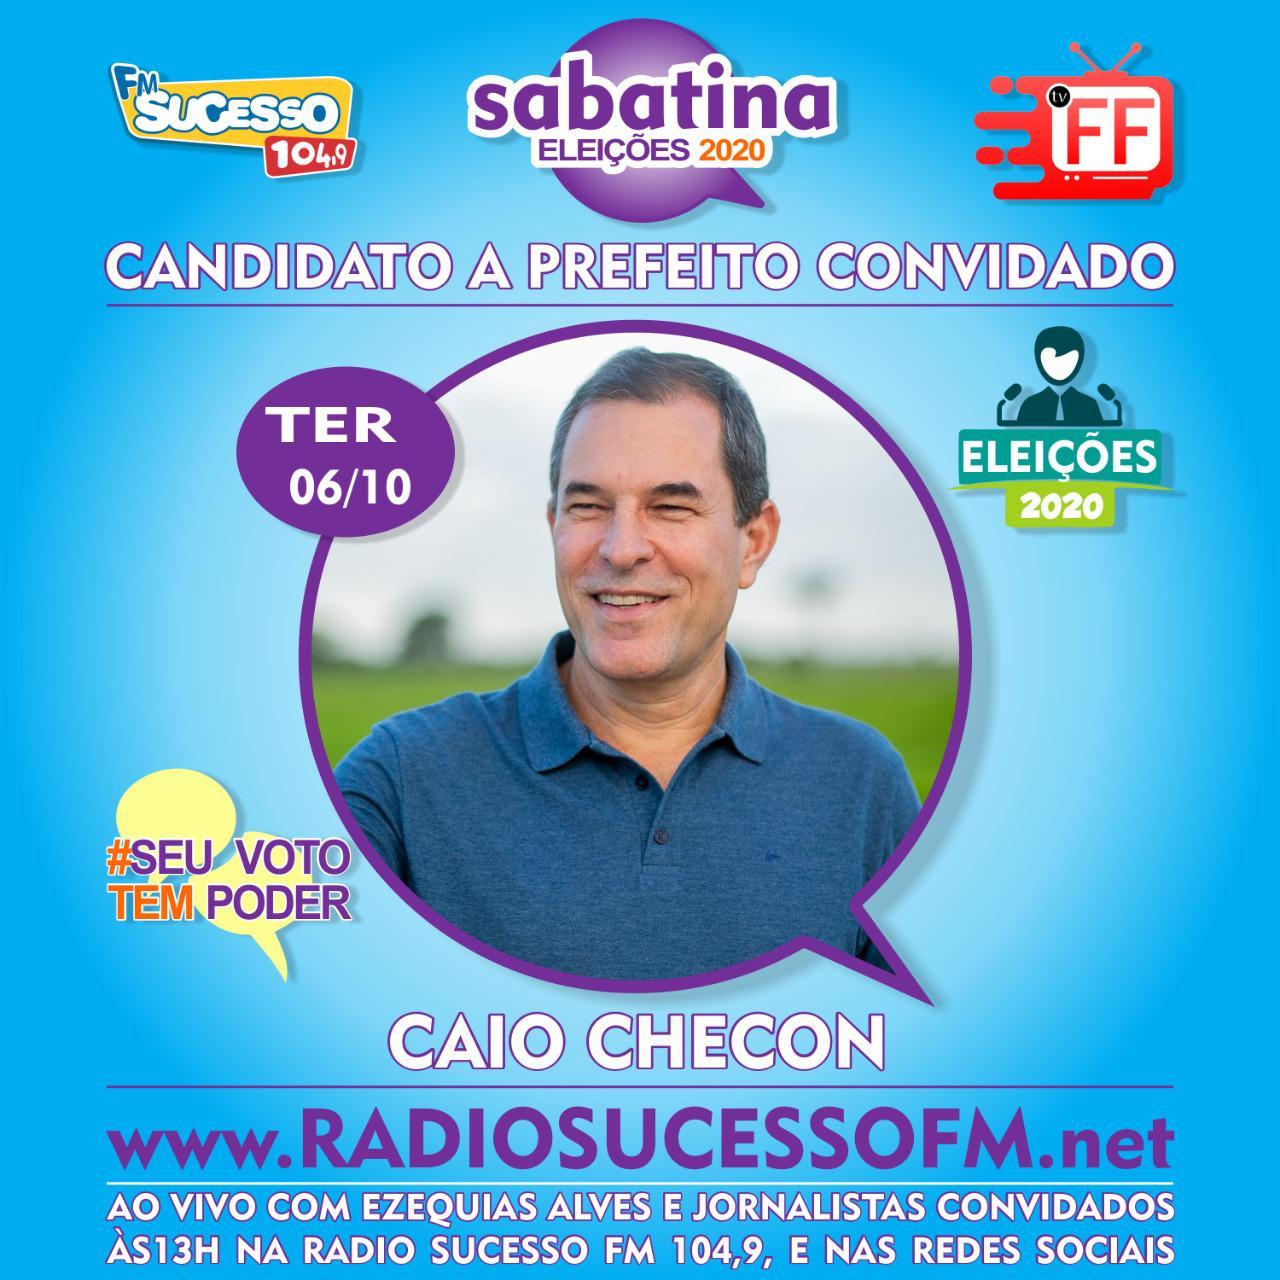 Rádio Sucesso 104,9 FM e TVFF realizaram a terceira sabatina dos candidatos a prefeito